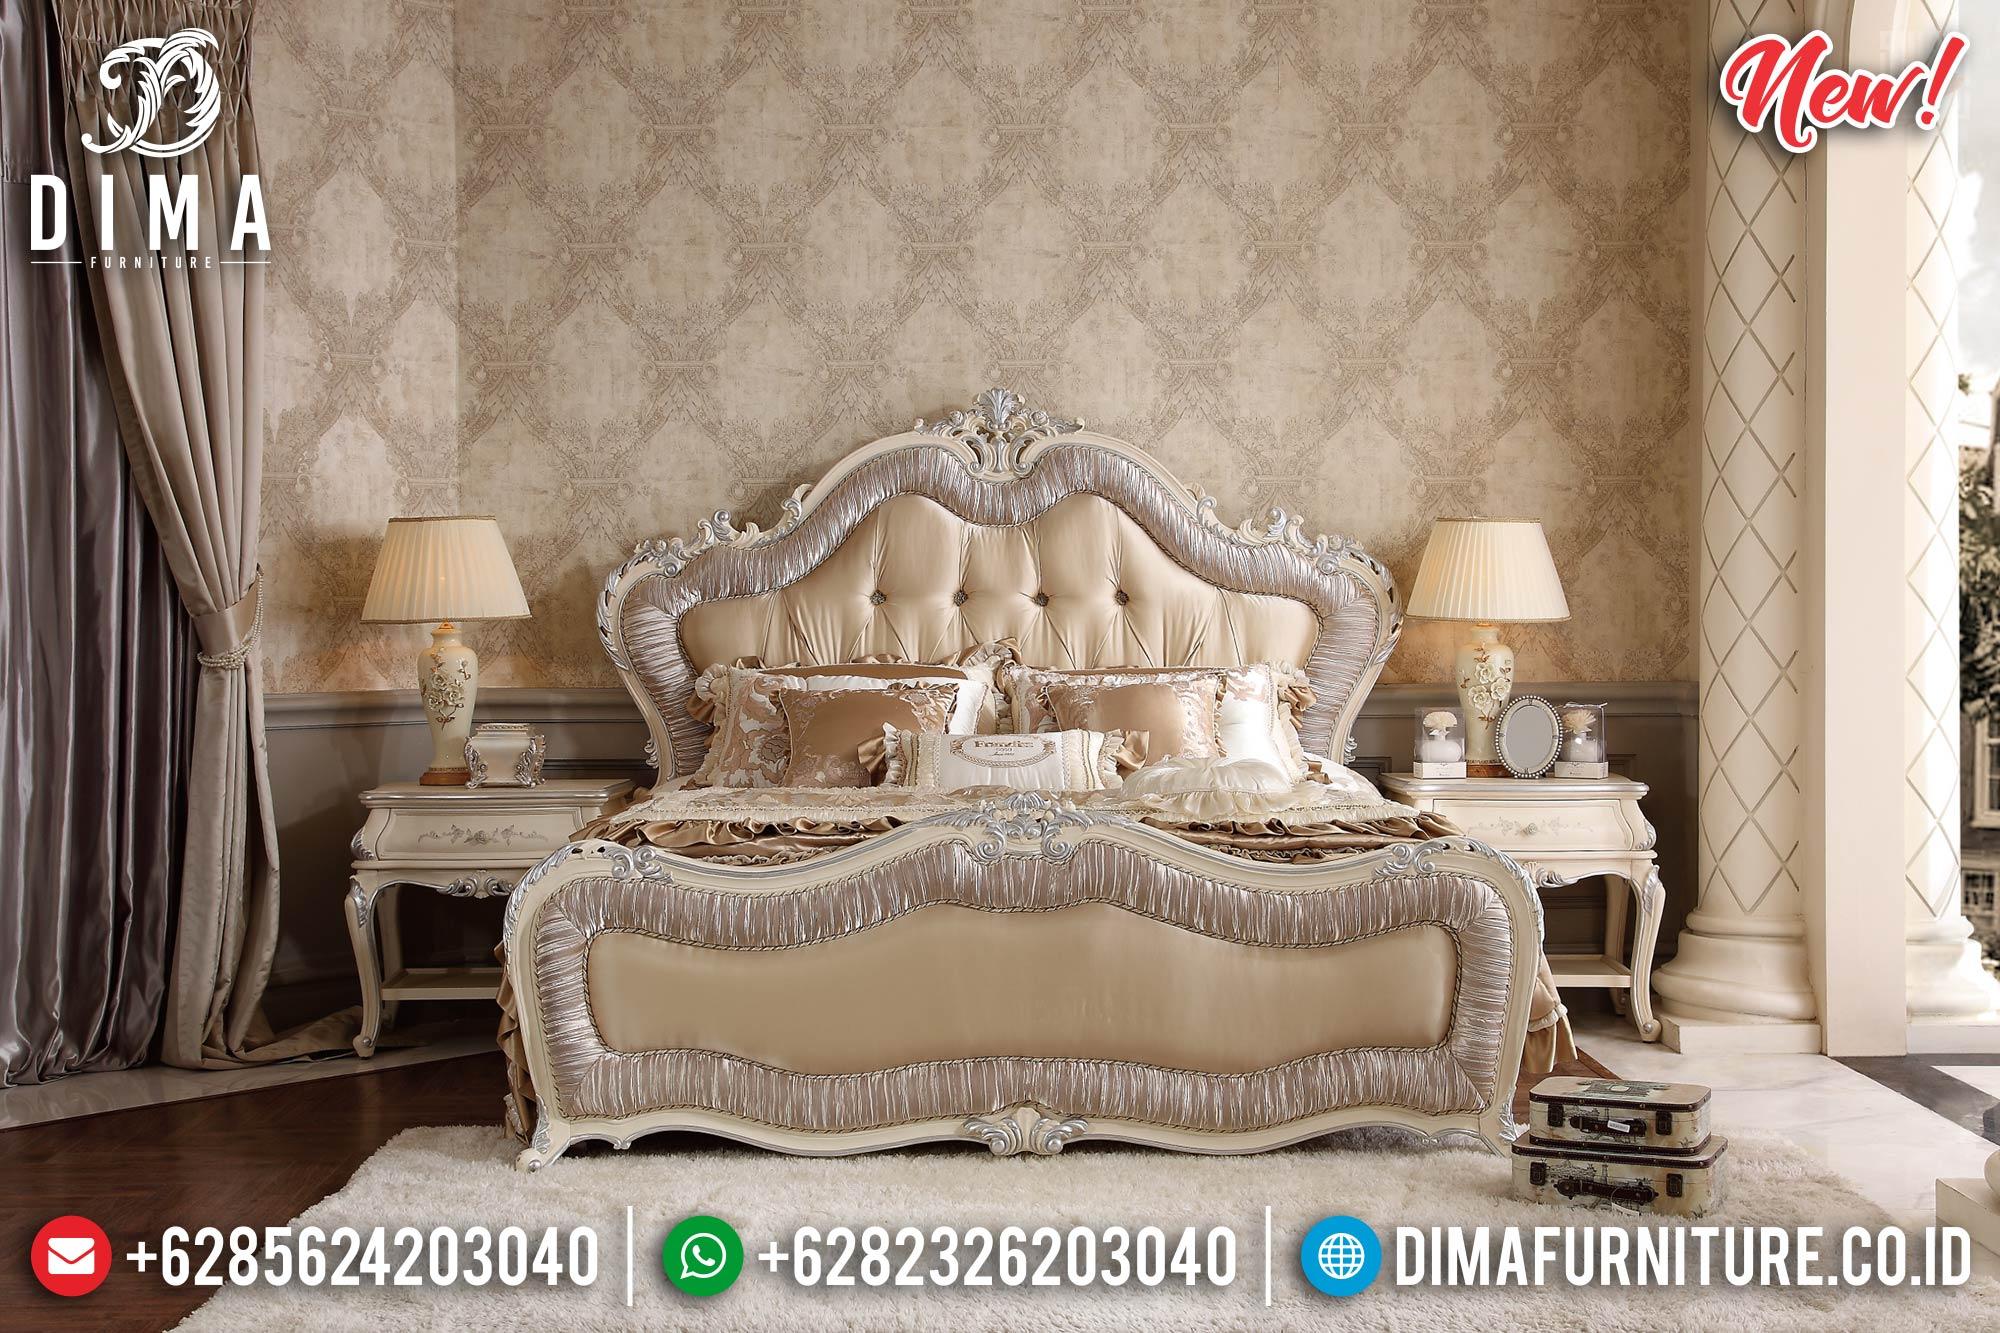 Favorites Item Tempat Tidur Ukiran Jepara Mewah Luxury Type Carving TTJ-1232